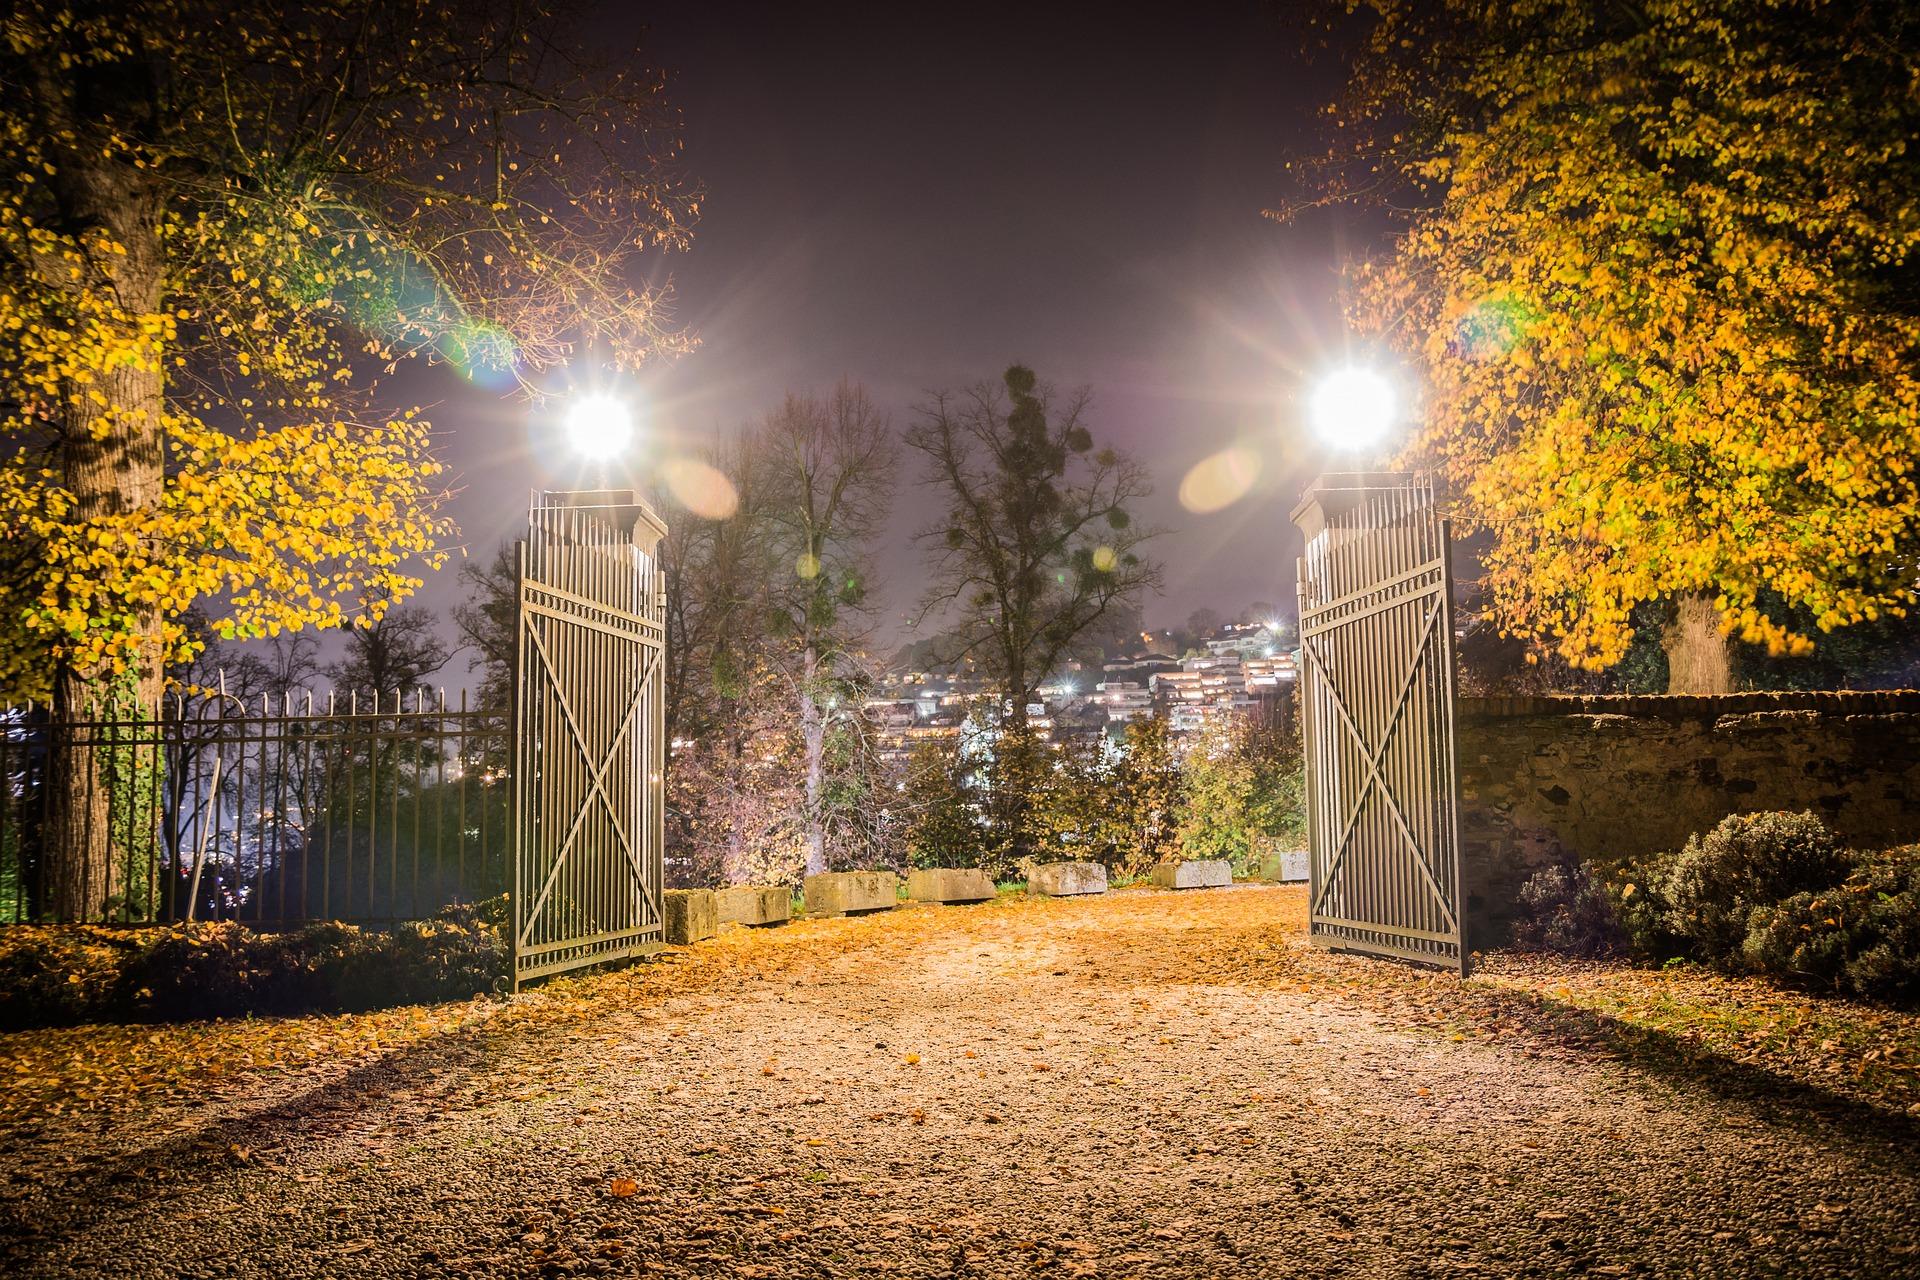 rainbow bridge gates lights trees